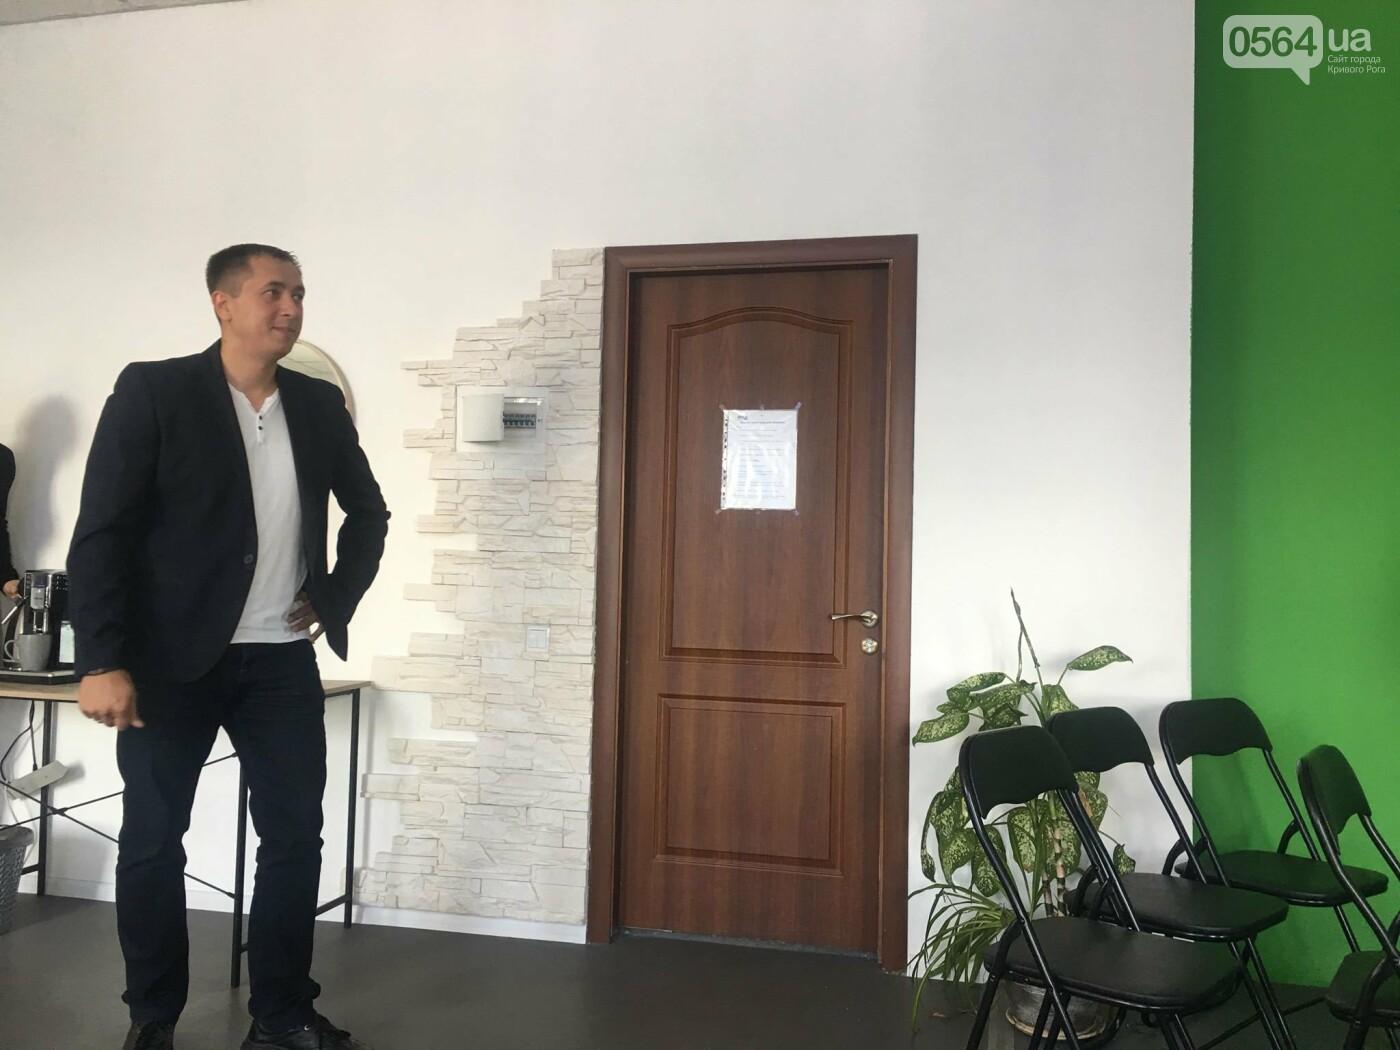 """В Кривом Роге презентовали онлайн-платформу """"Господарі"""", - ФОТО, ВИДЕО , фото-12"""